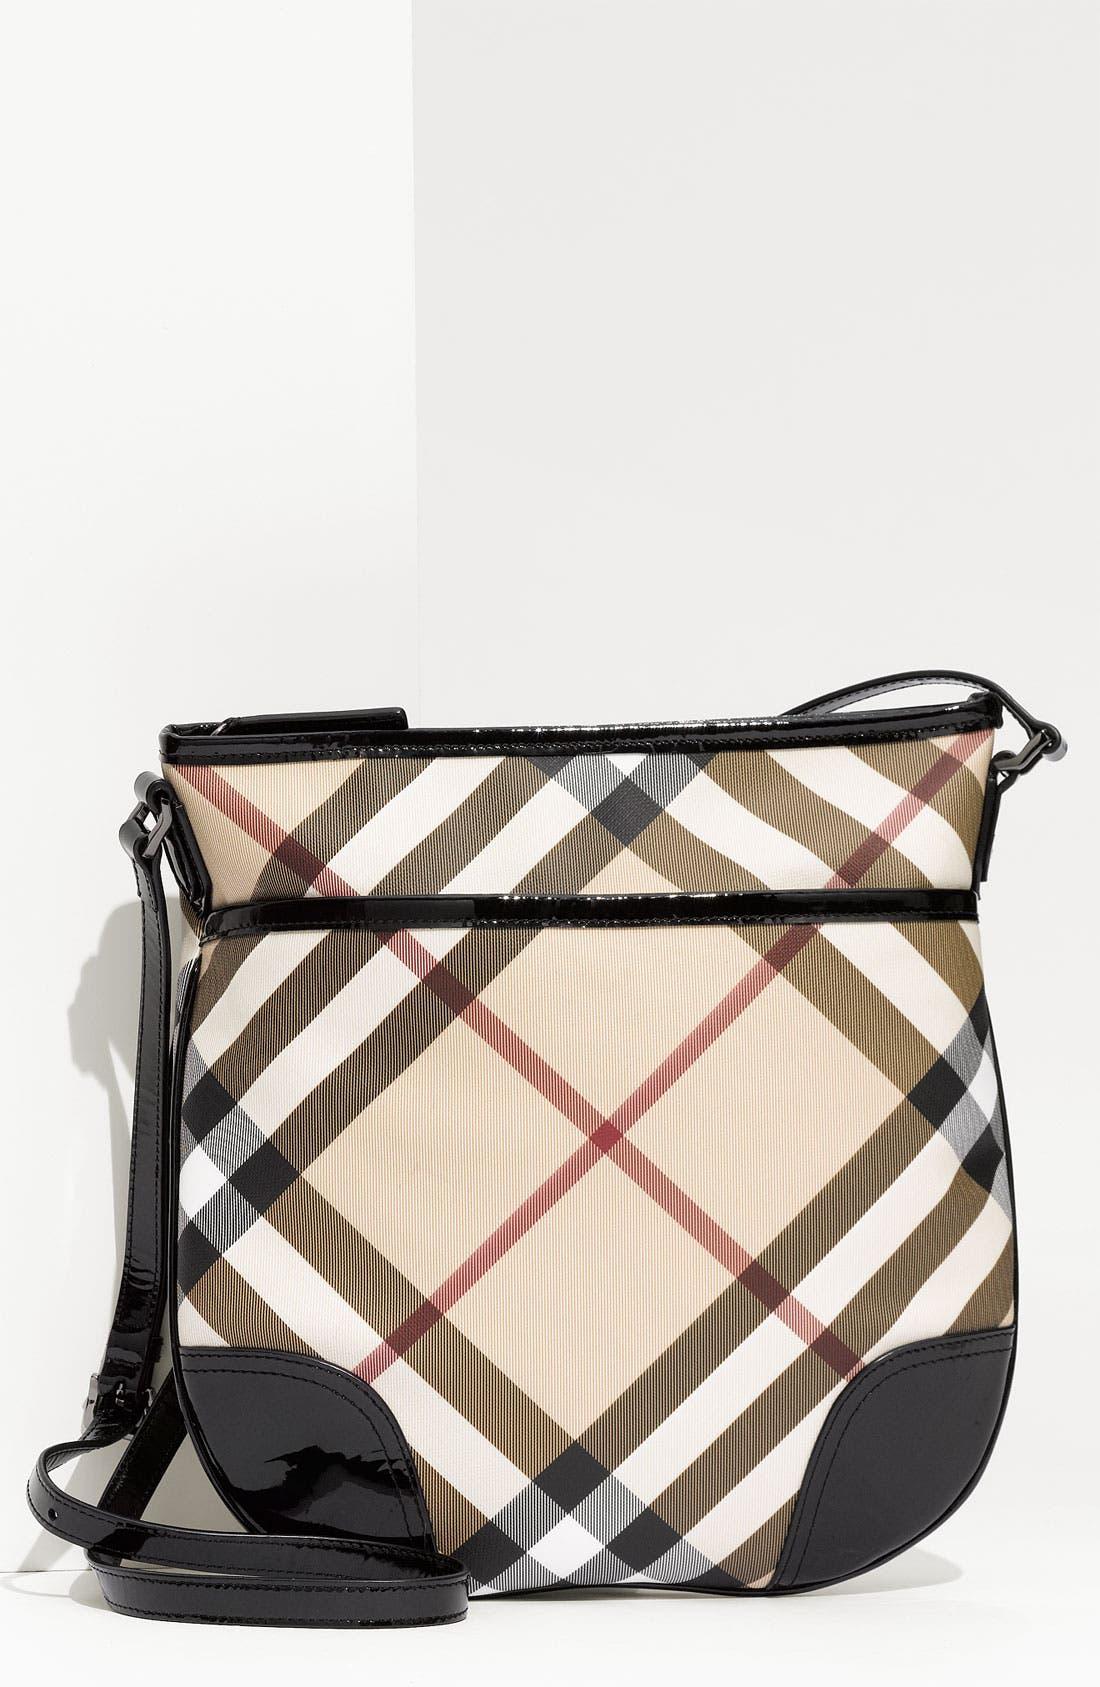 Alternate Image 1 Selected - Burberry 'Nova Check' Crossbody Bag